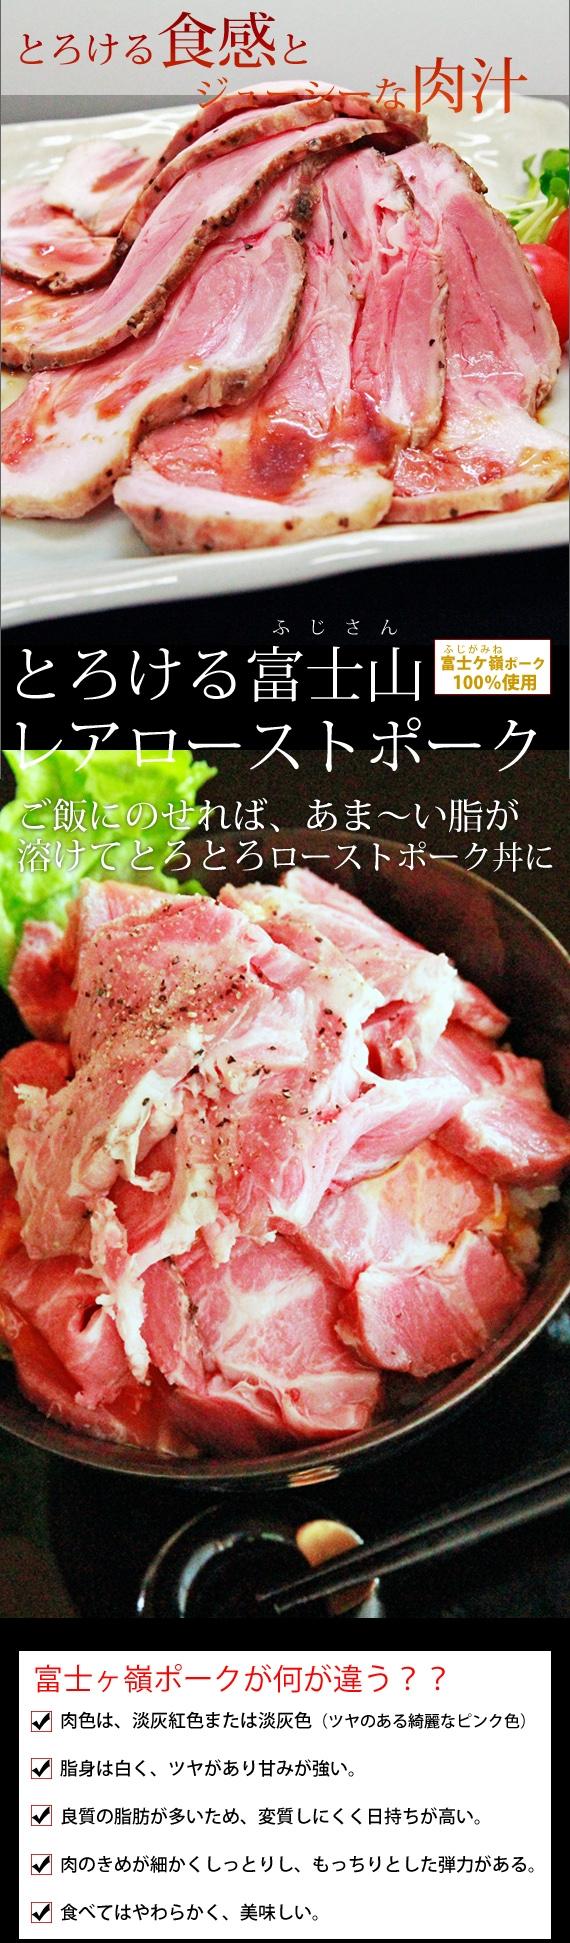 【熟成の極み】とろけるジューシー富士山レアローストポーク 230g☆ 【お中元2020】【精肉・肉加工品】